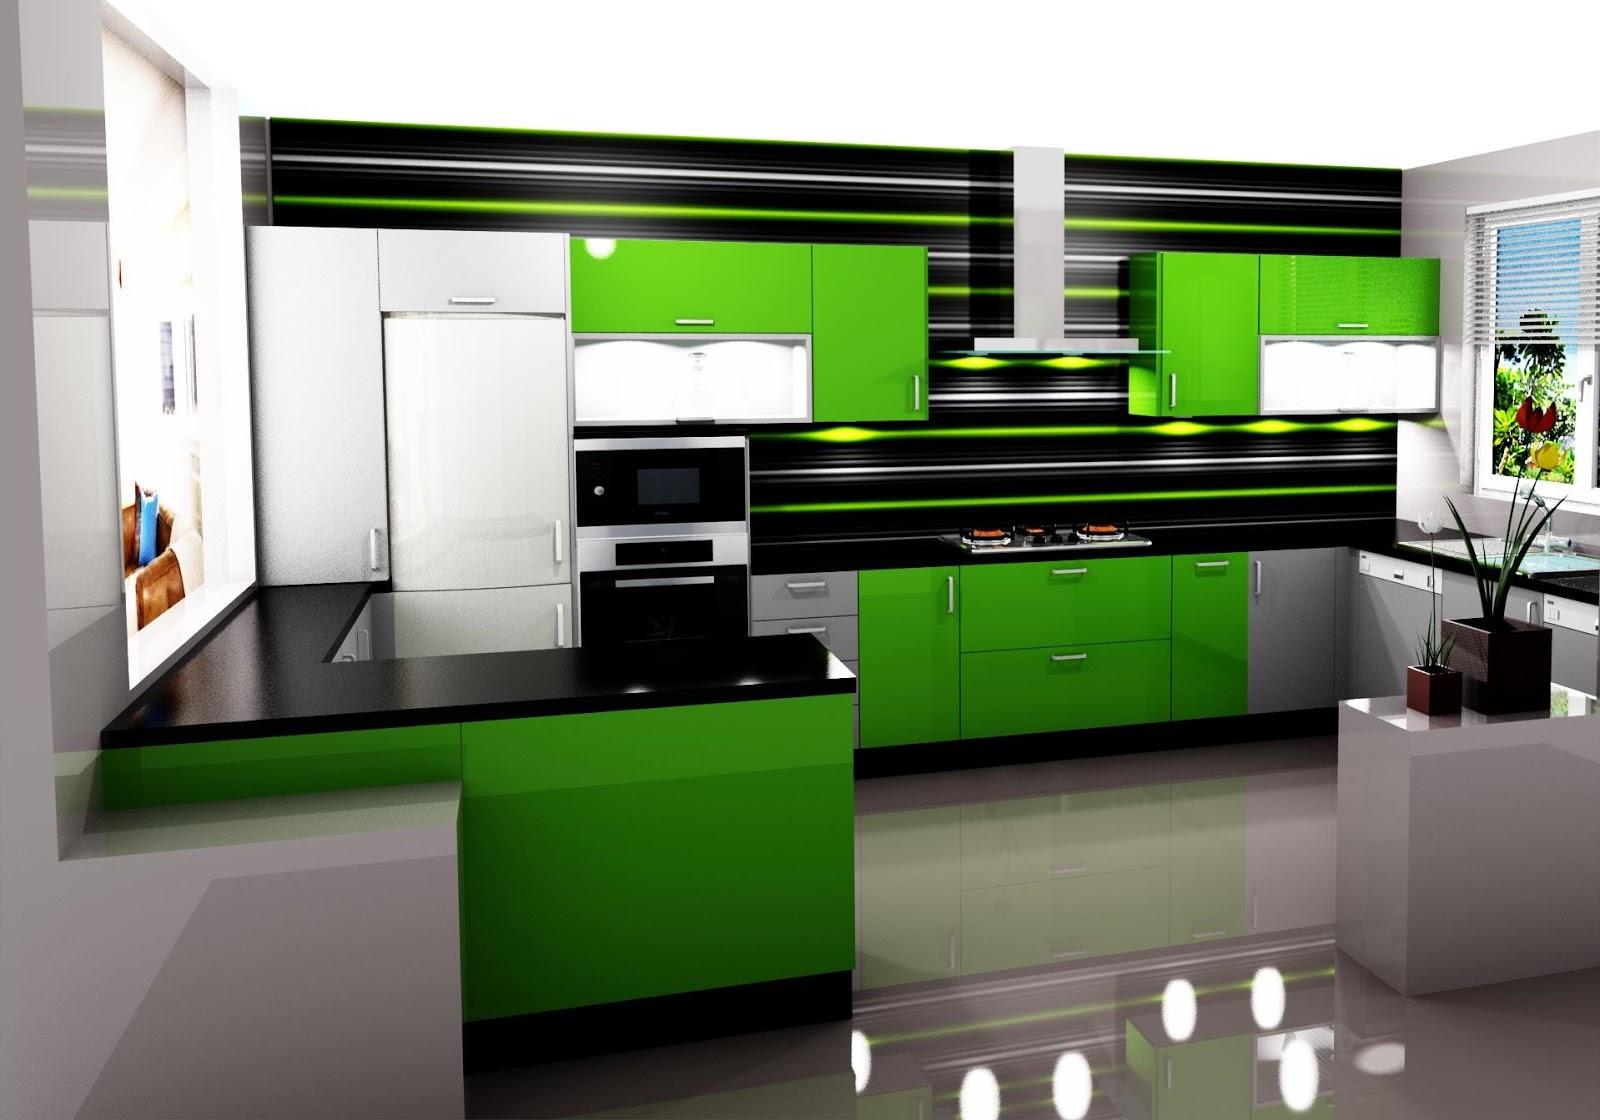 Dise o de la misma cocina en distitos colores for Aplicacion diseno cocinas